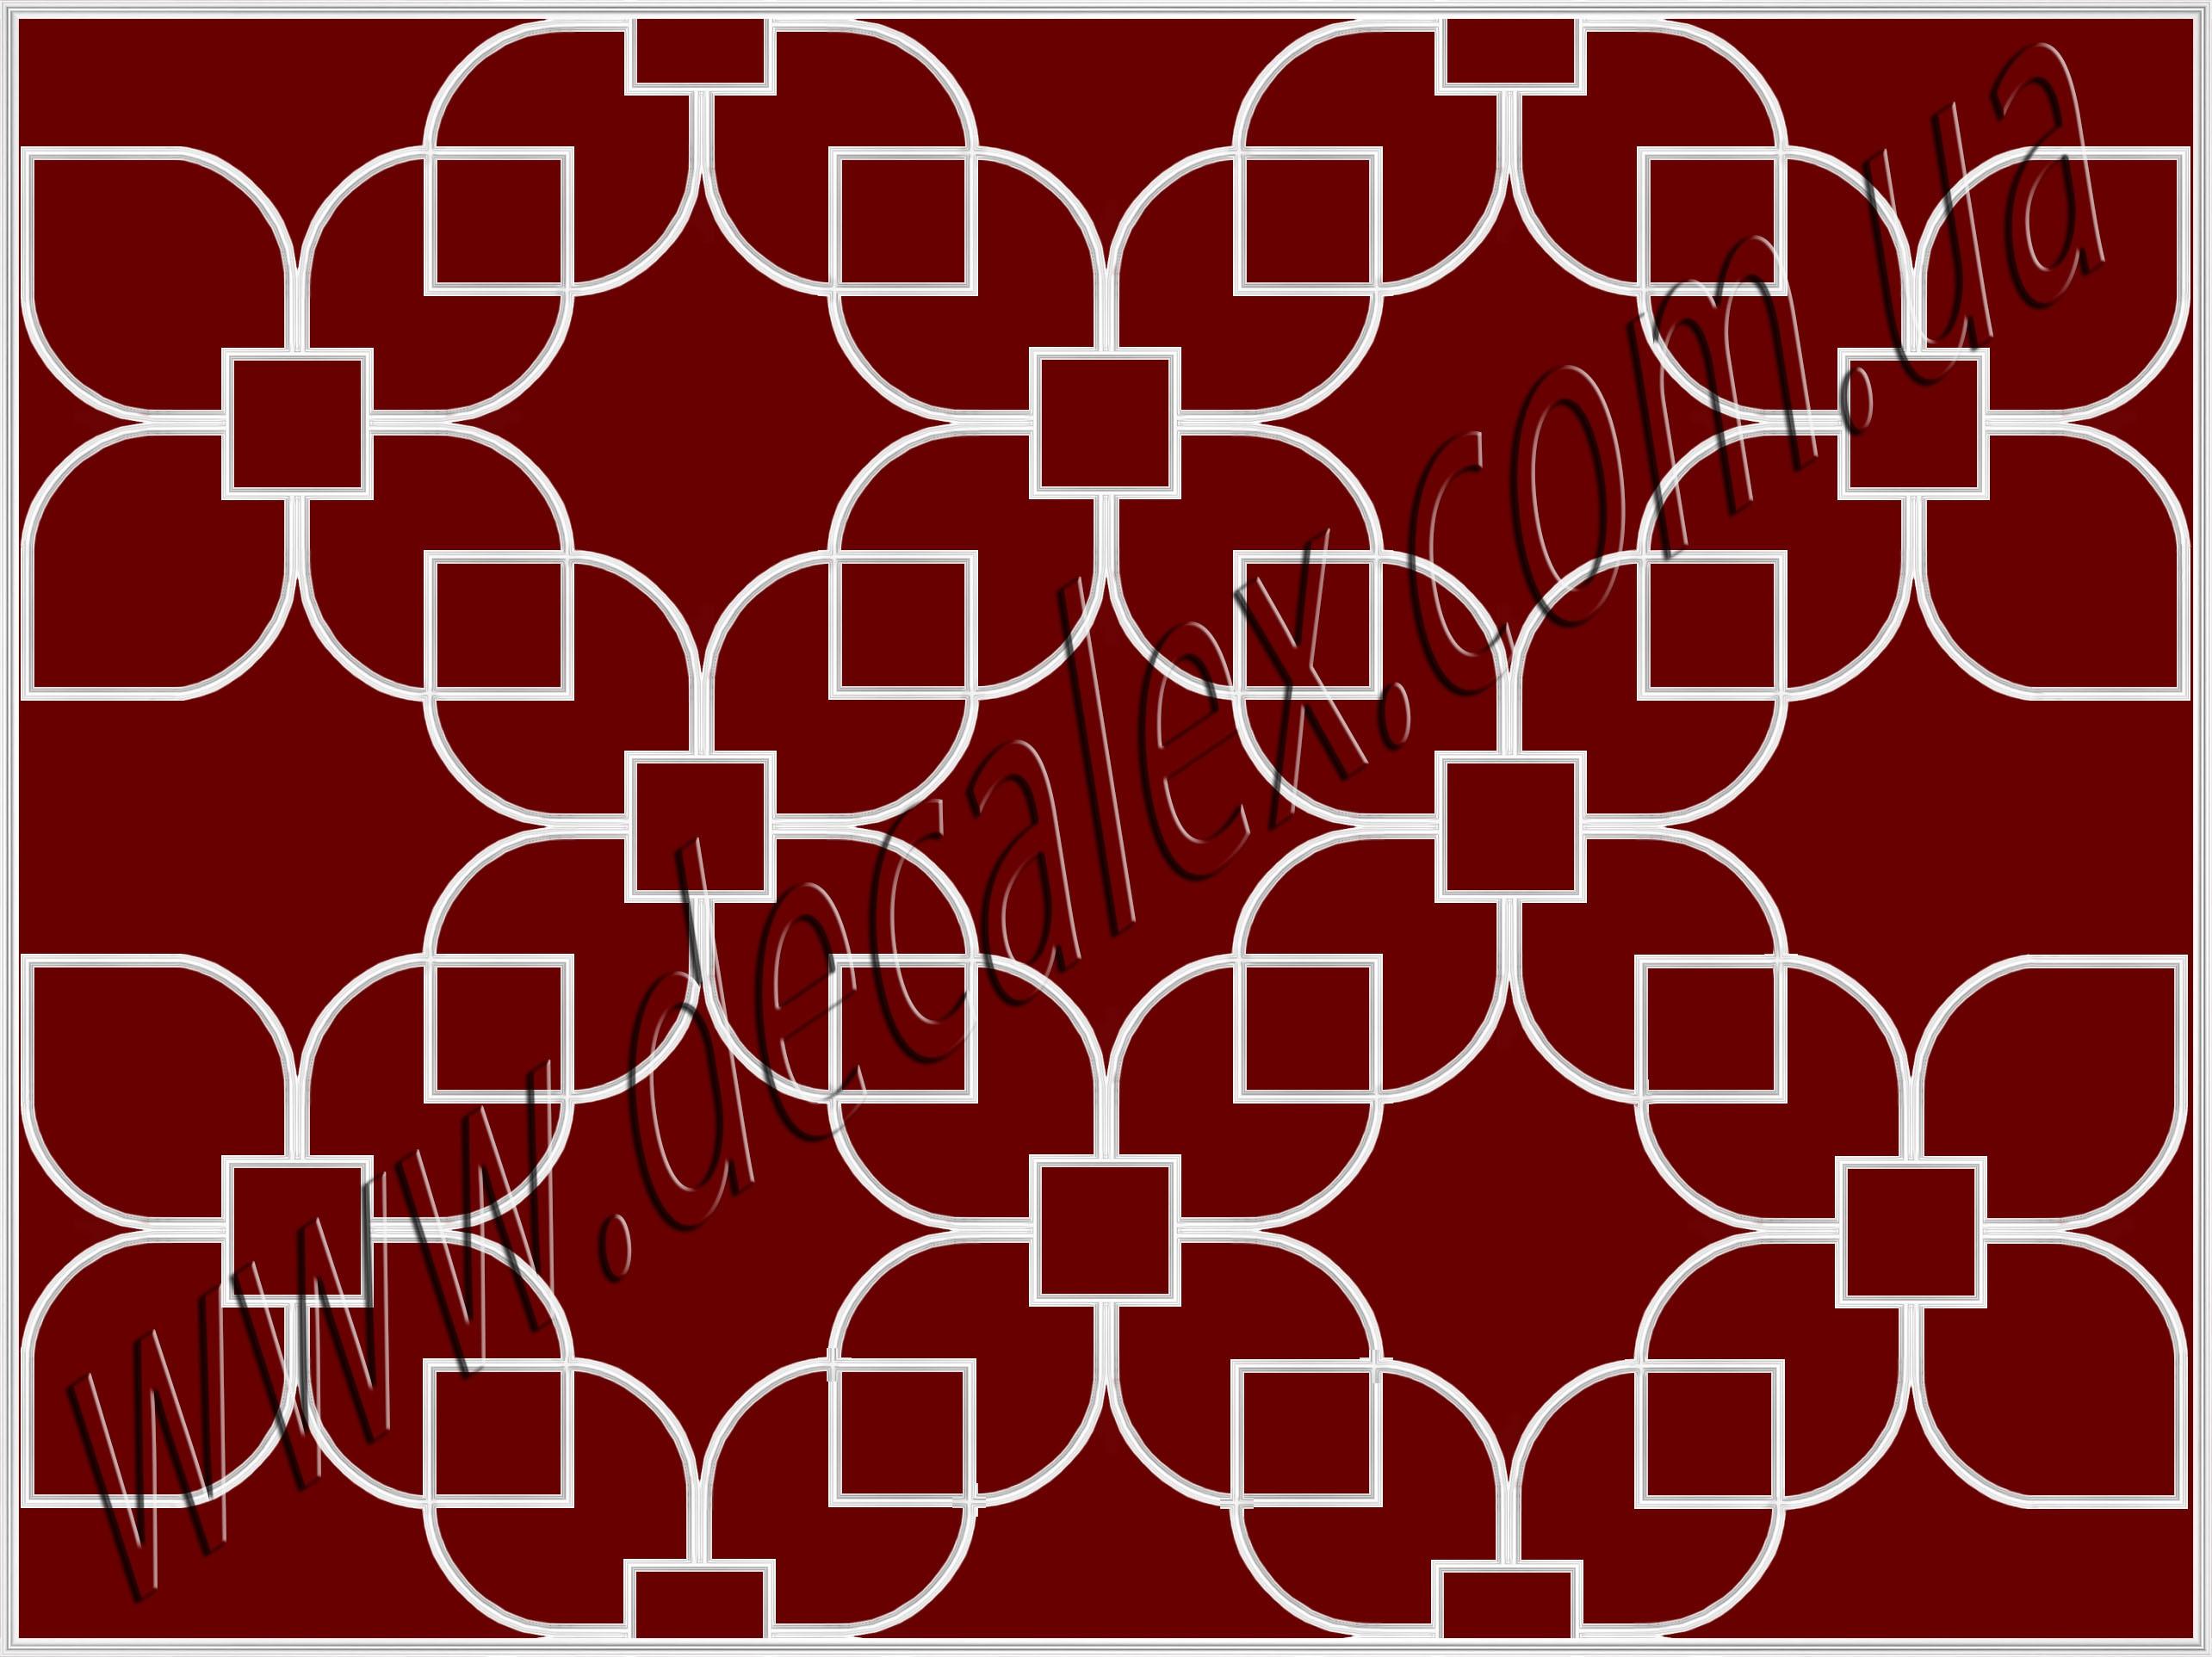 """Рис П28.Вариант оформления потолка!!     Размер композиции: 4850мм*3650мм(Габариты """"цветка"""" 1200мм на 1200мм).. По периметру ,вокруг основного рисунка , использован молдинг: МЛ02501(22шт). Узор состоит из молдингов и вставок, которые служат соединениями между ними во избежания очень сложной подрезки и последующей вышпаклевки:молдинг МЛ02501(70шт),Крест-образная вставка ГЛ02501-2(32шт),Т-образная вставка ГЛ02501-3(80шт), радиусные полукруги из молдинга мл02501 наружным диаметром 600мм - МЛ02501(20шт).Розничная цена элементов составляет 9020грн.."""